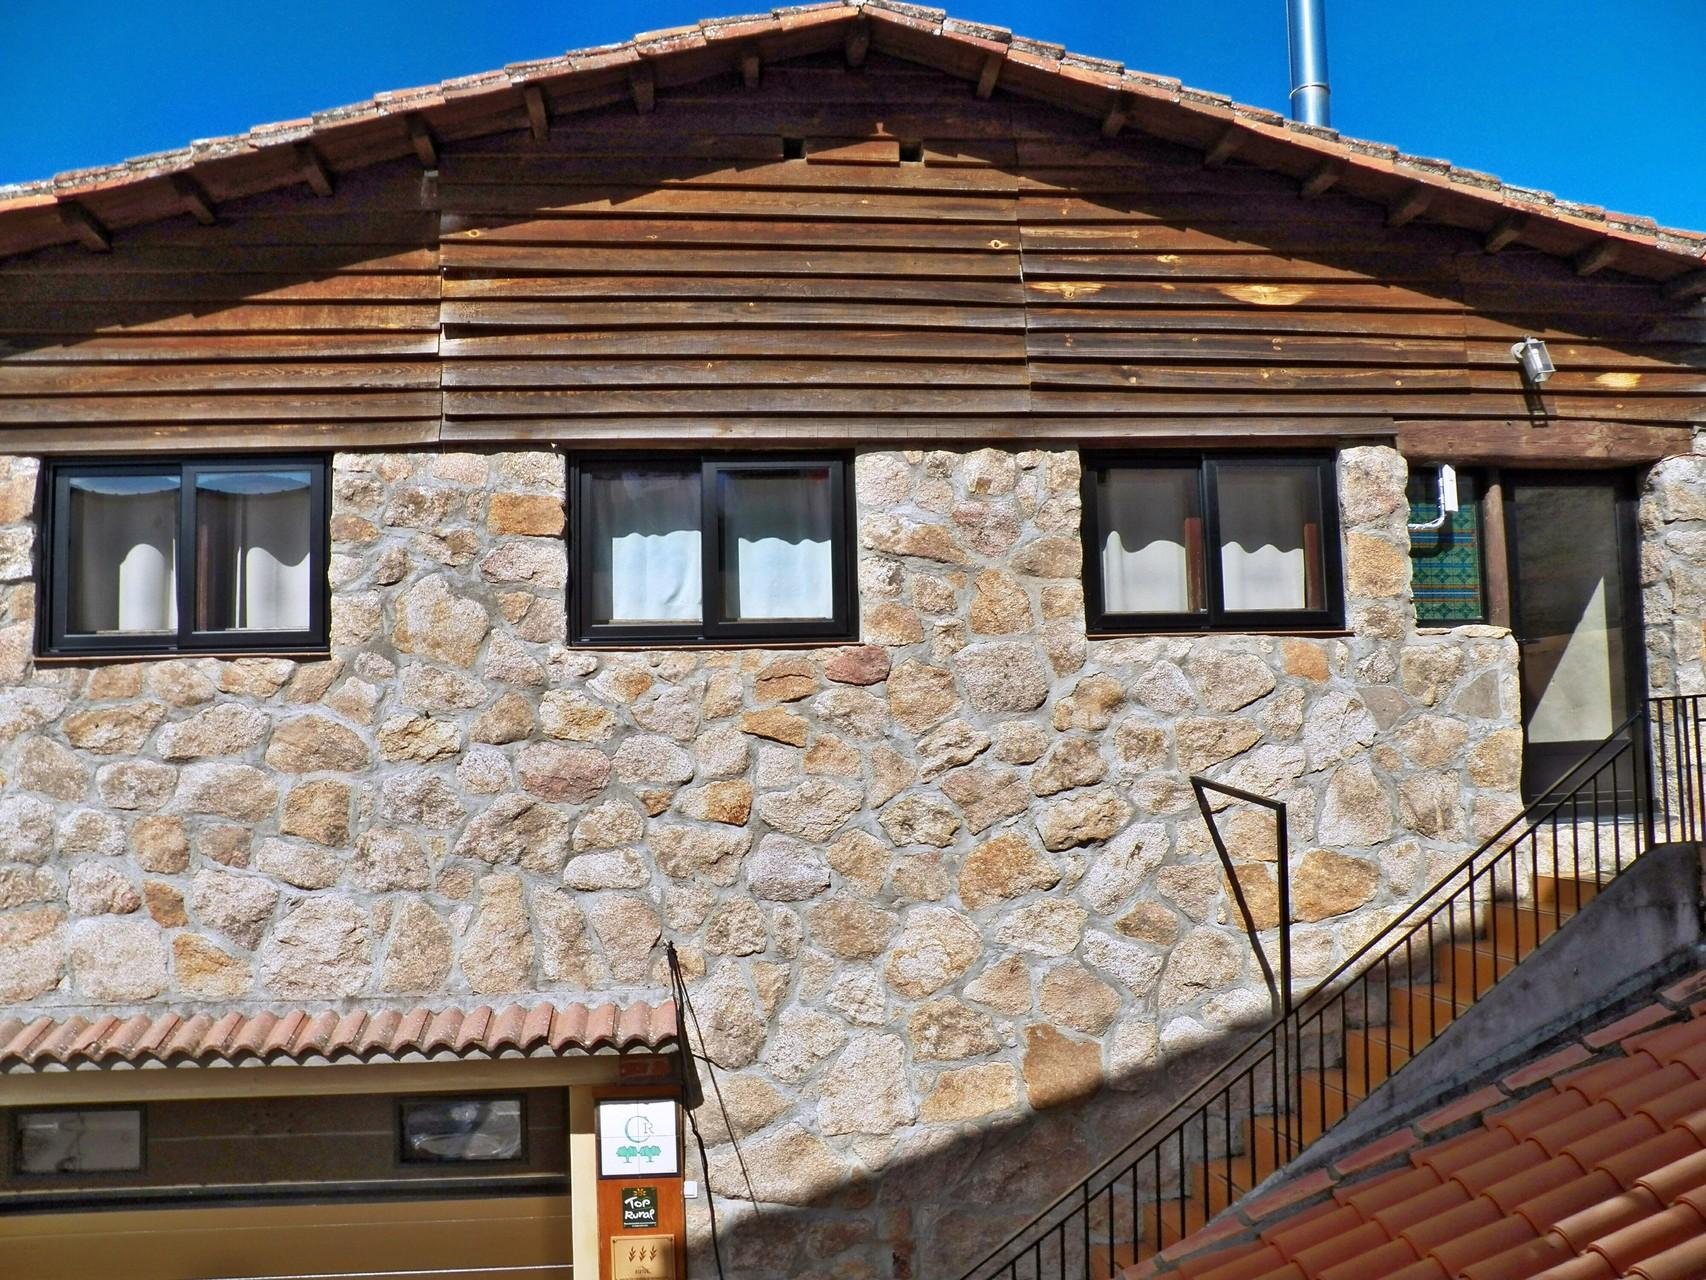 Ver casas rurales por dentro n with ver casas rurales por dentro top casa rural leocadia y - Casa rural leocadia y casa clemente ...